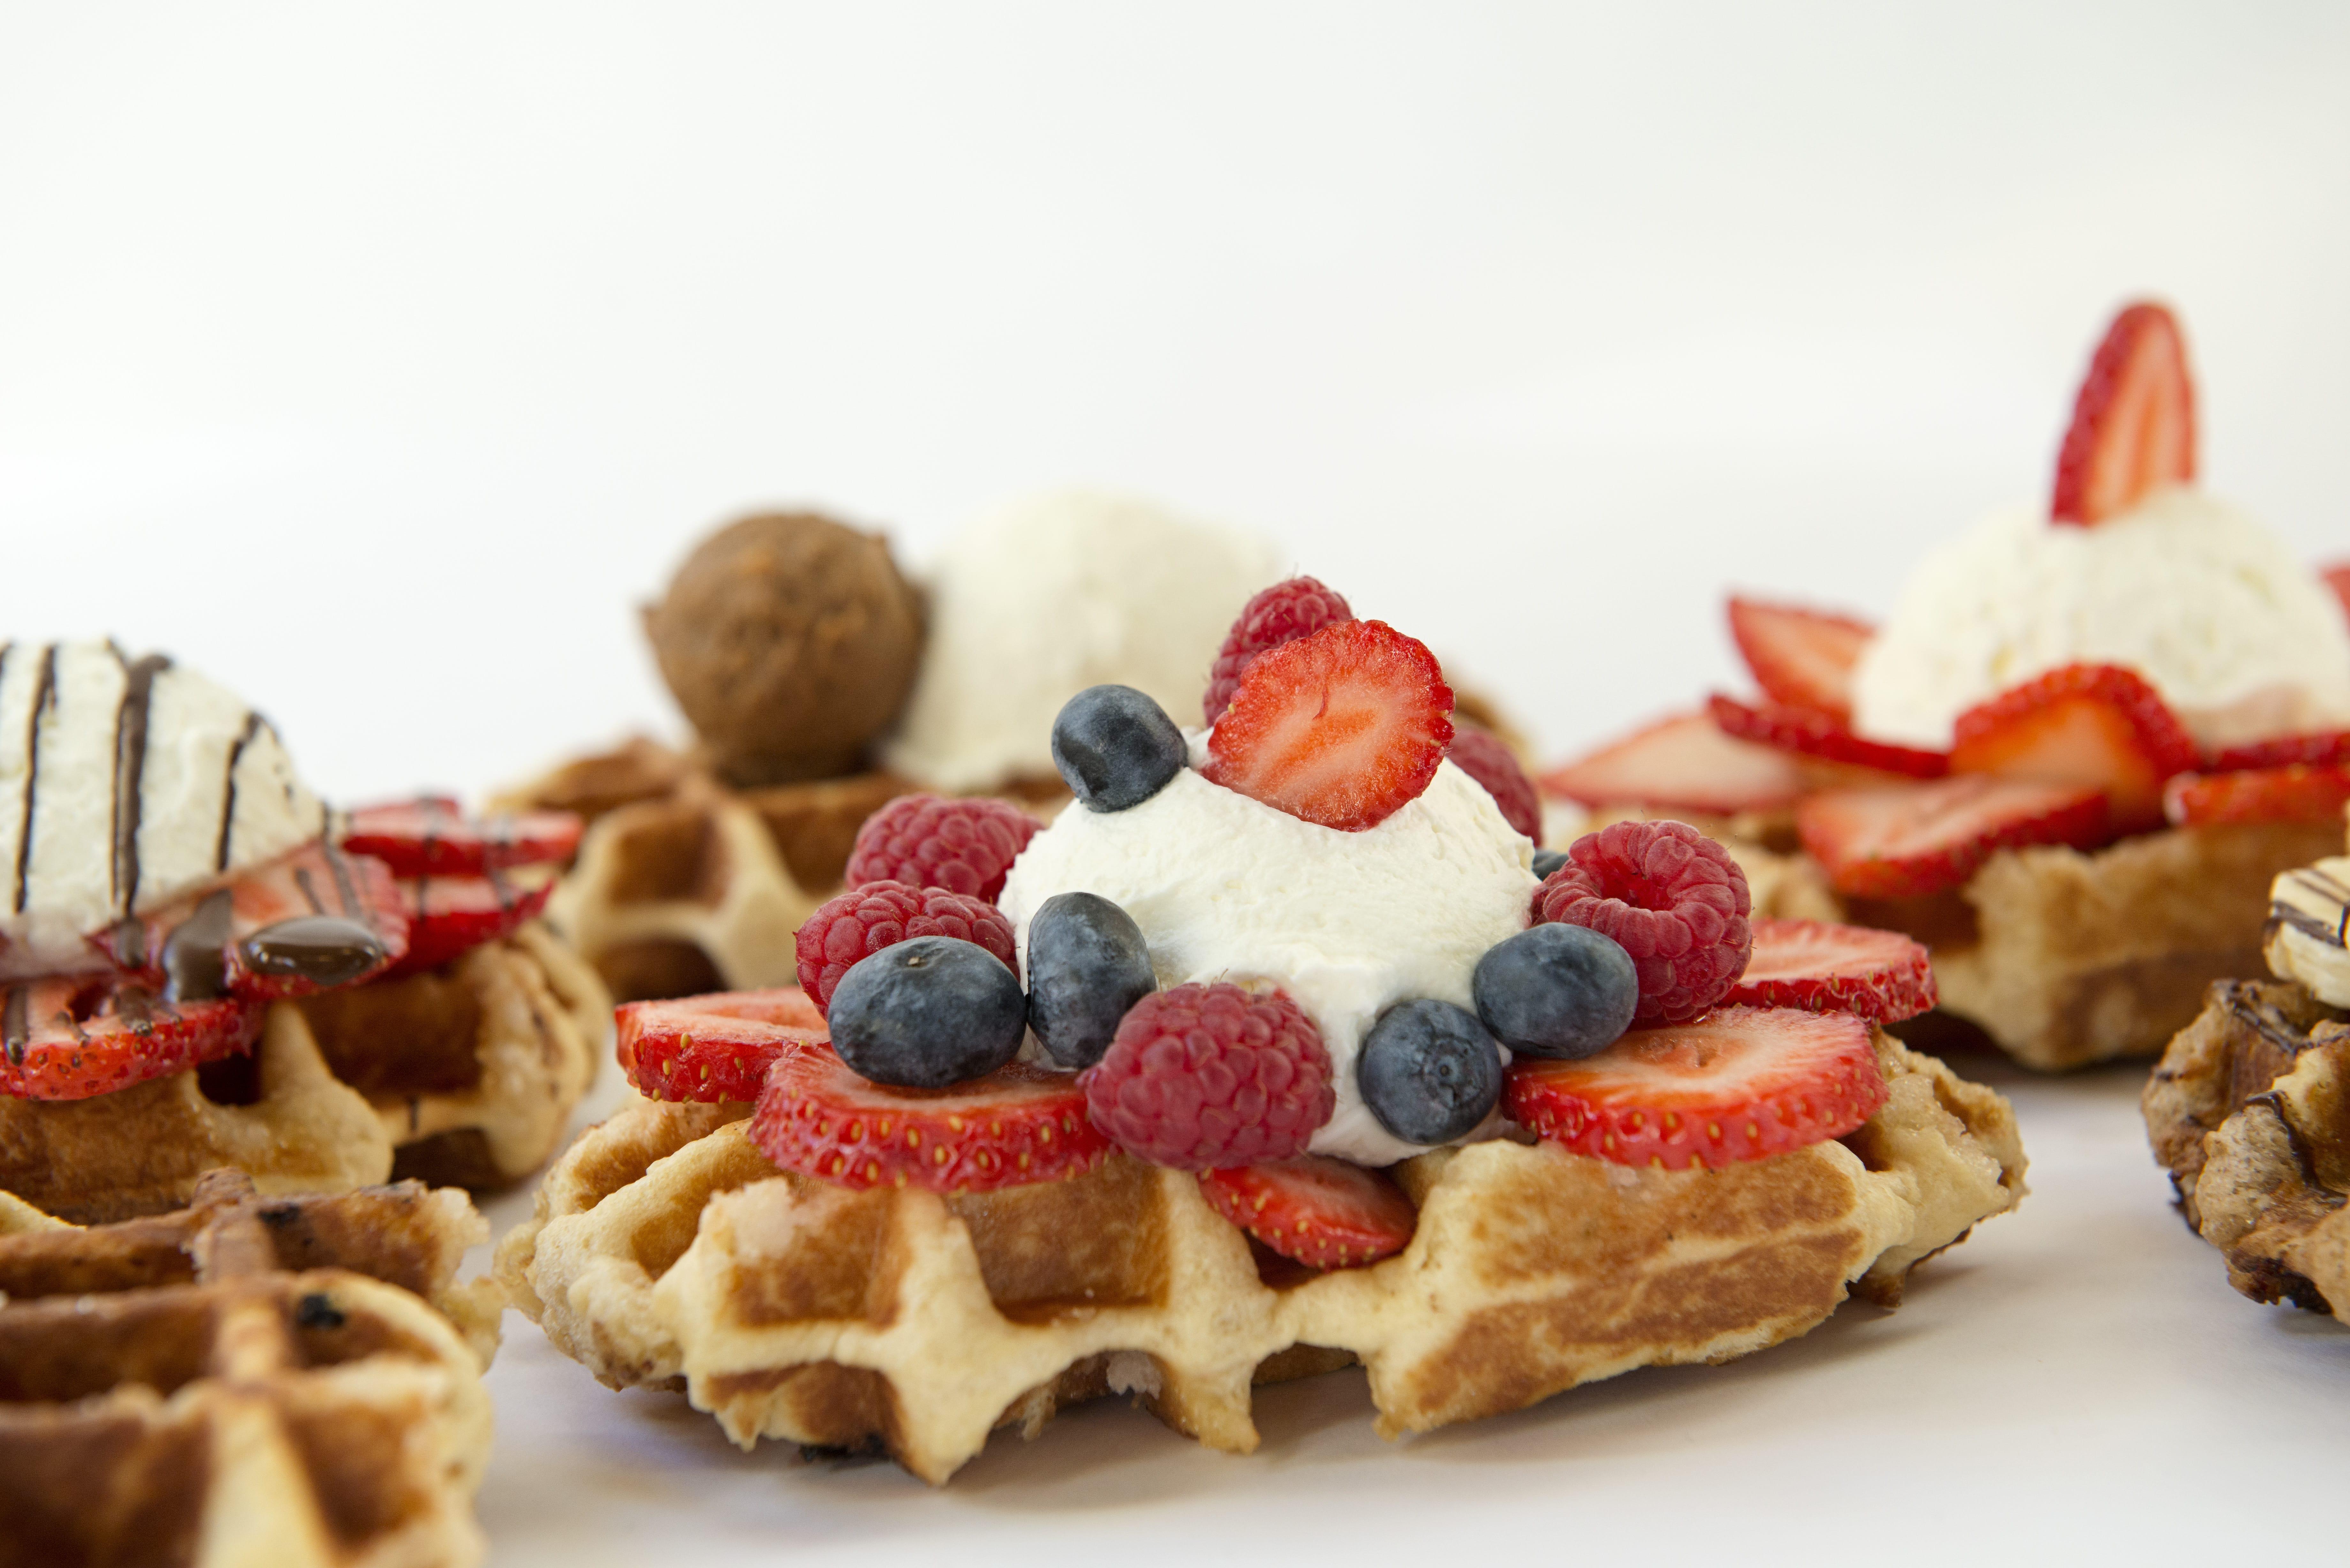 Bruges Waffles & Frites image 3